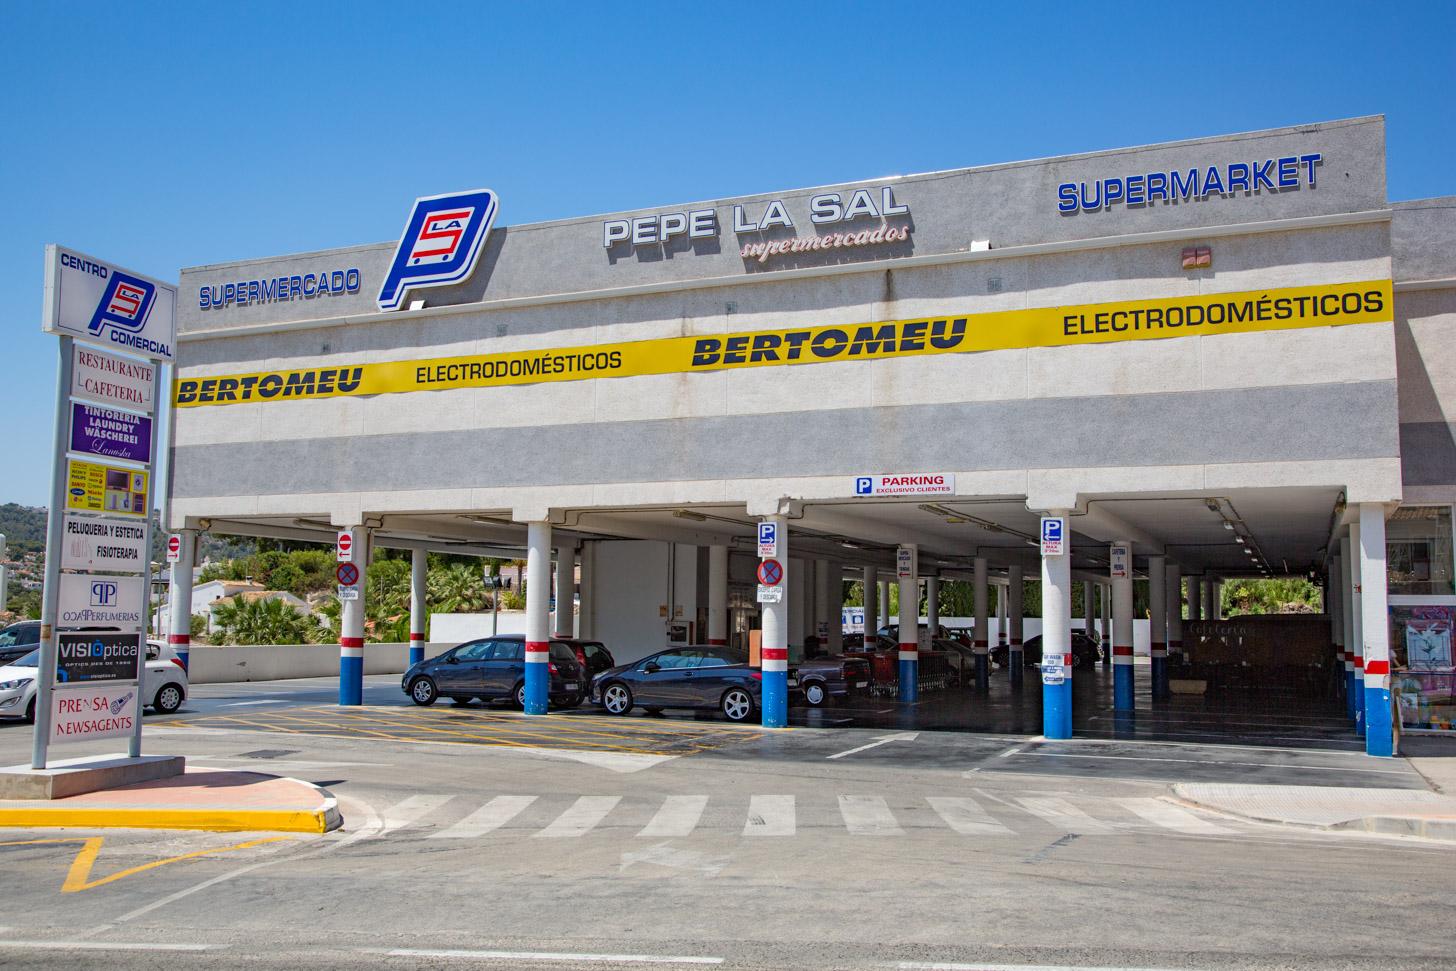 De beste supermarkt van Moraira: Pepe las Sal